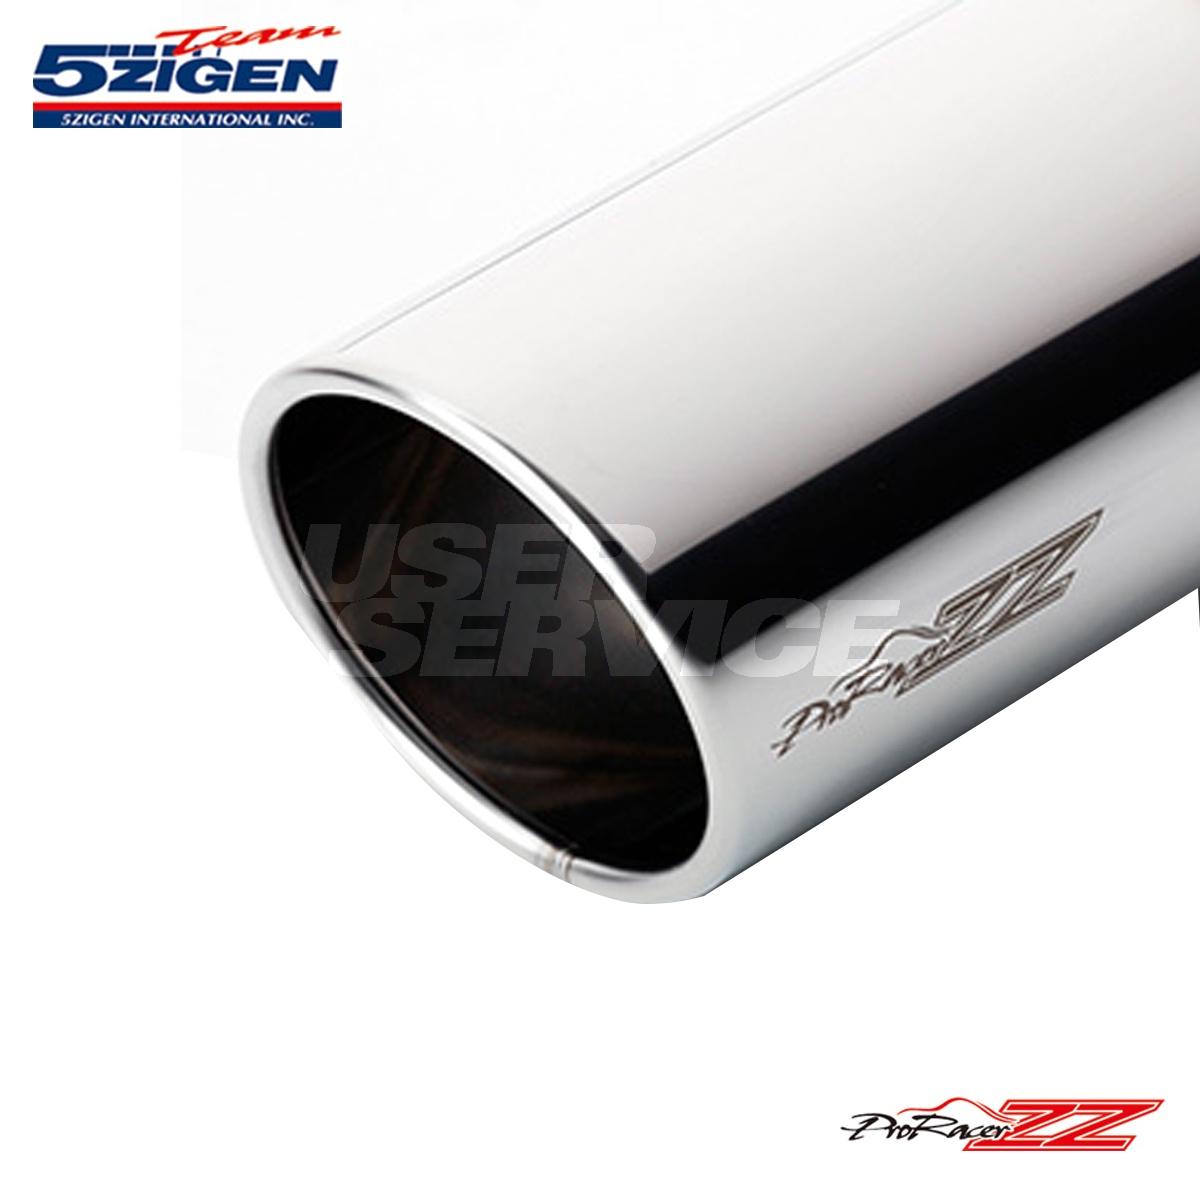 5次元 プロレーサーZZ シビック E-EK3 マフラー 品番:PZH-014 5ZIGEN